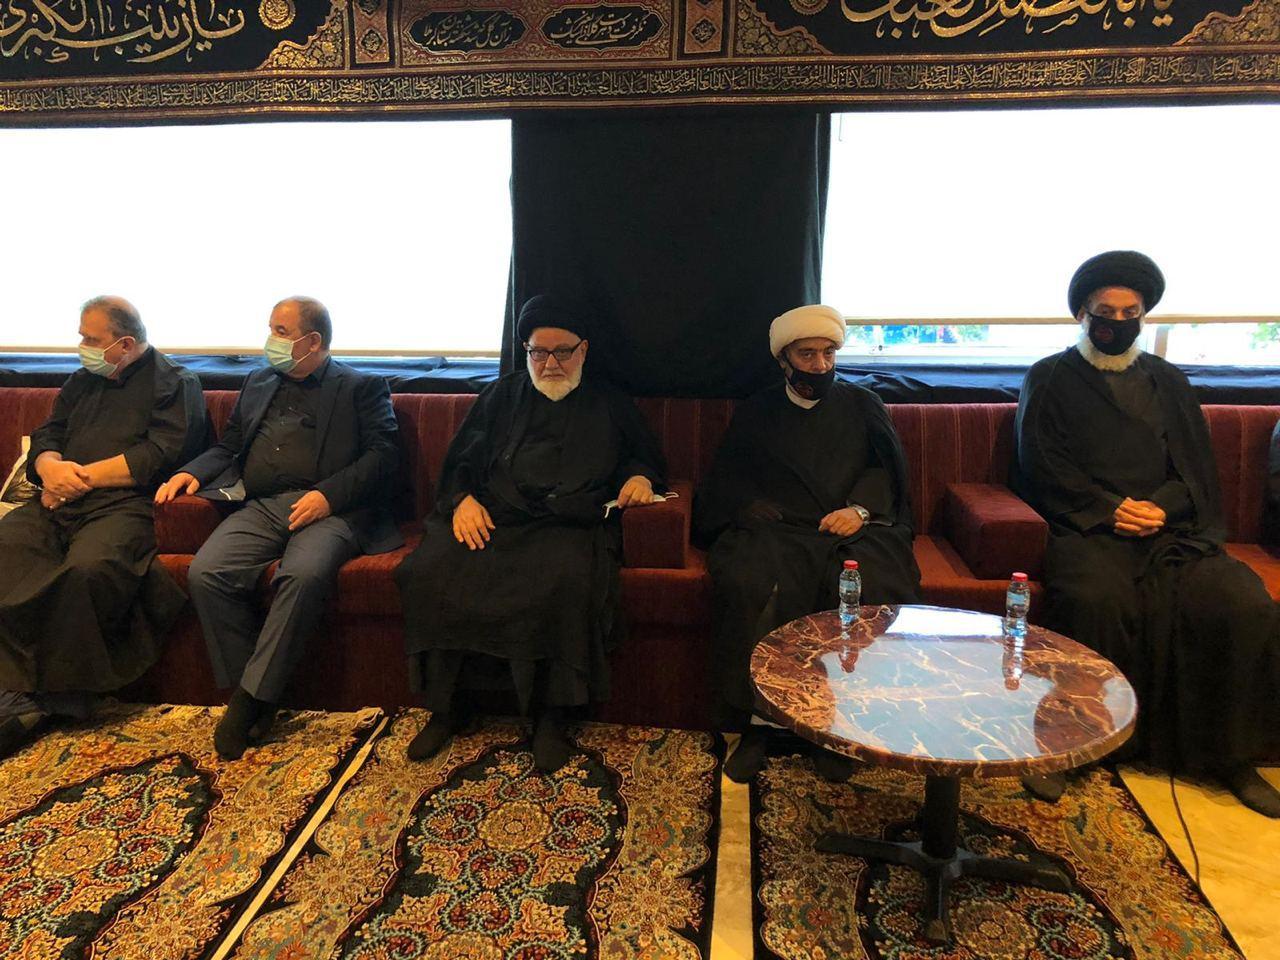 صورة حسينية الرسول الأعظم (صلَّى الله عليه وآله) في لندن تحتضن مجالس العزاء بذكرى عاشوراء الإمام الحسين عليه السلام